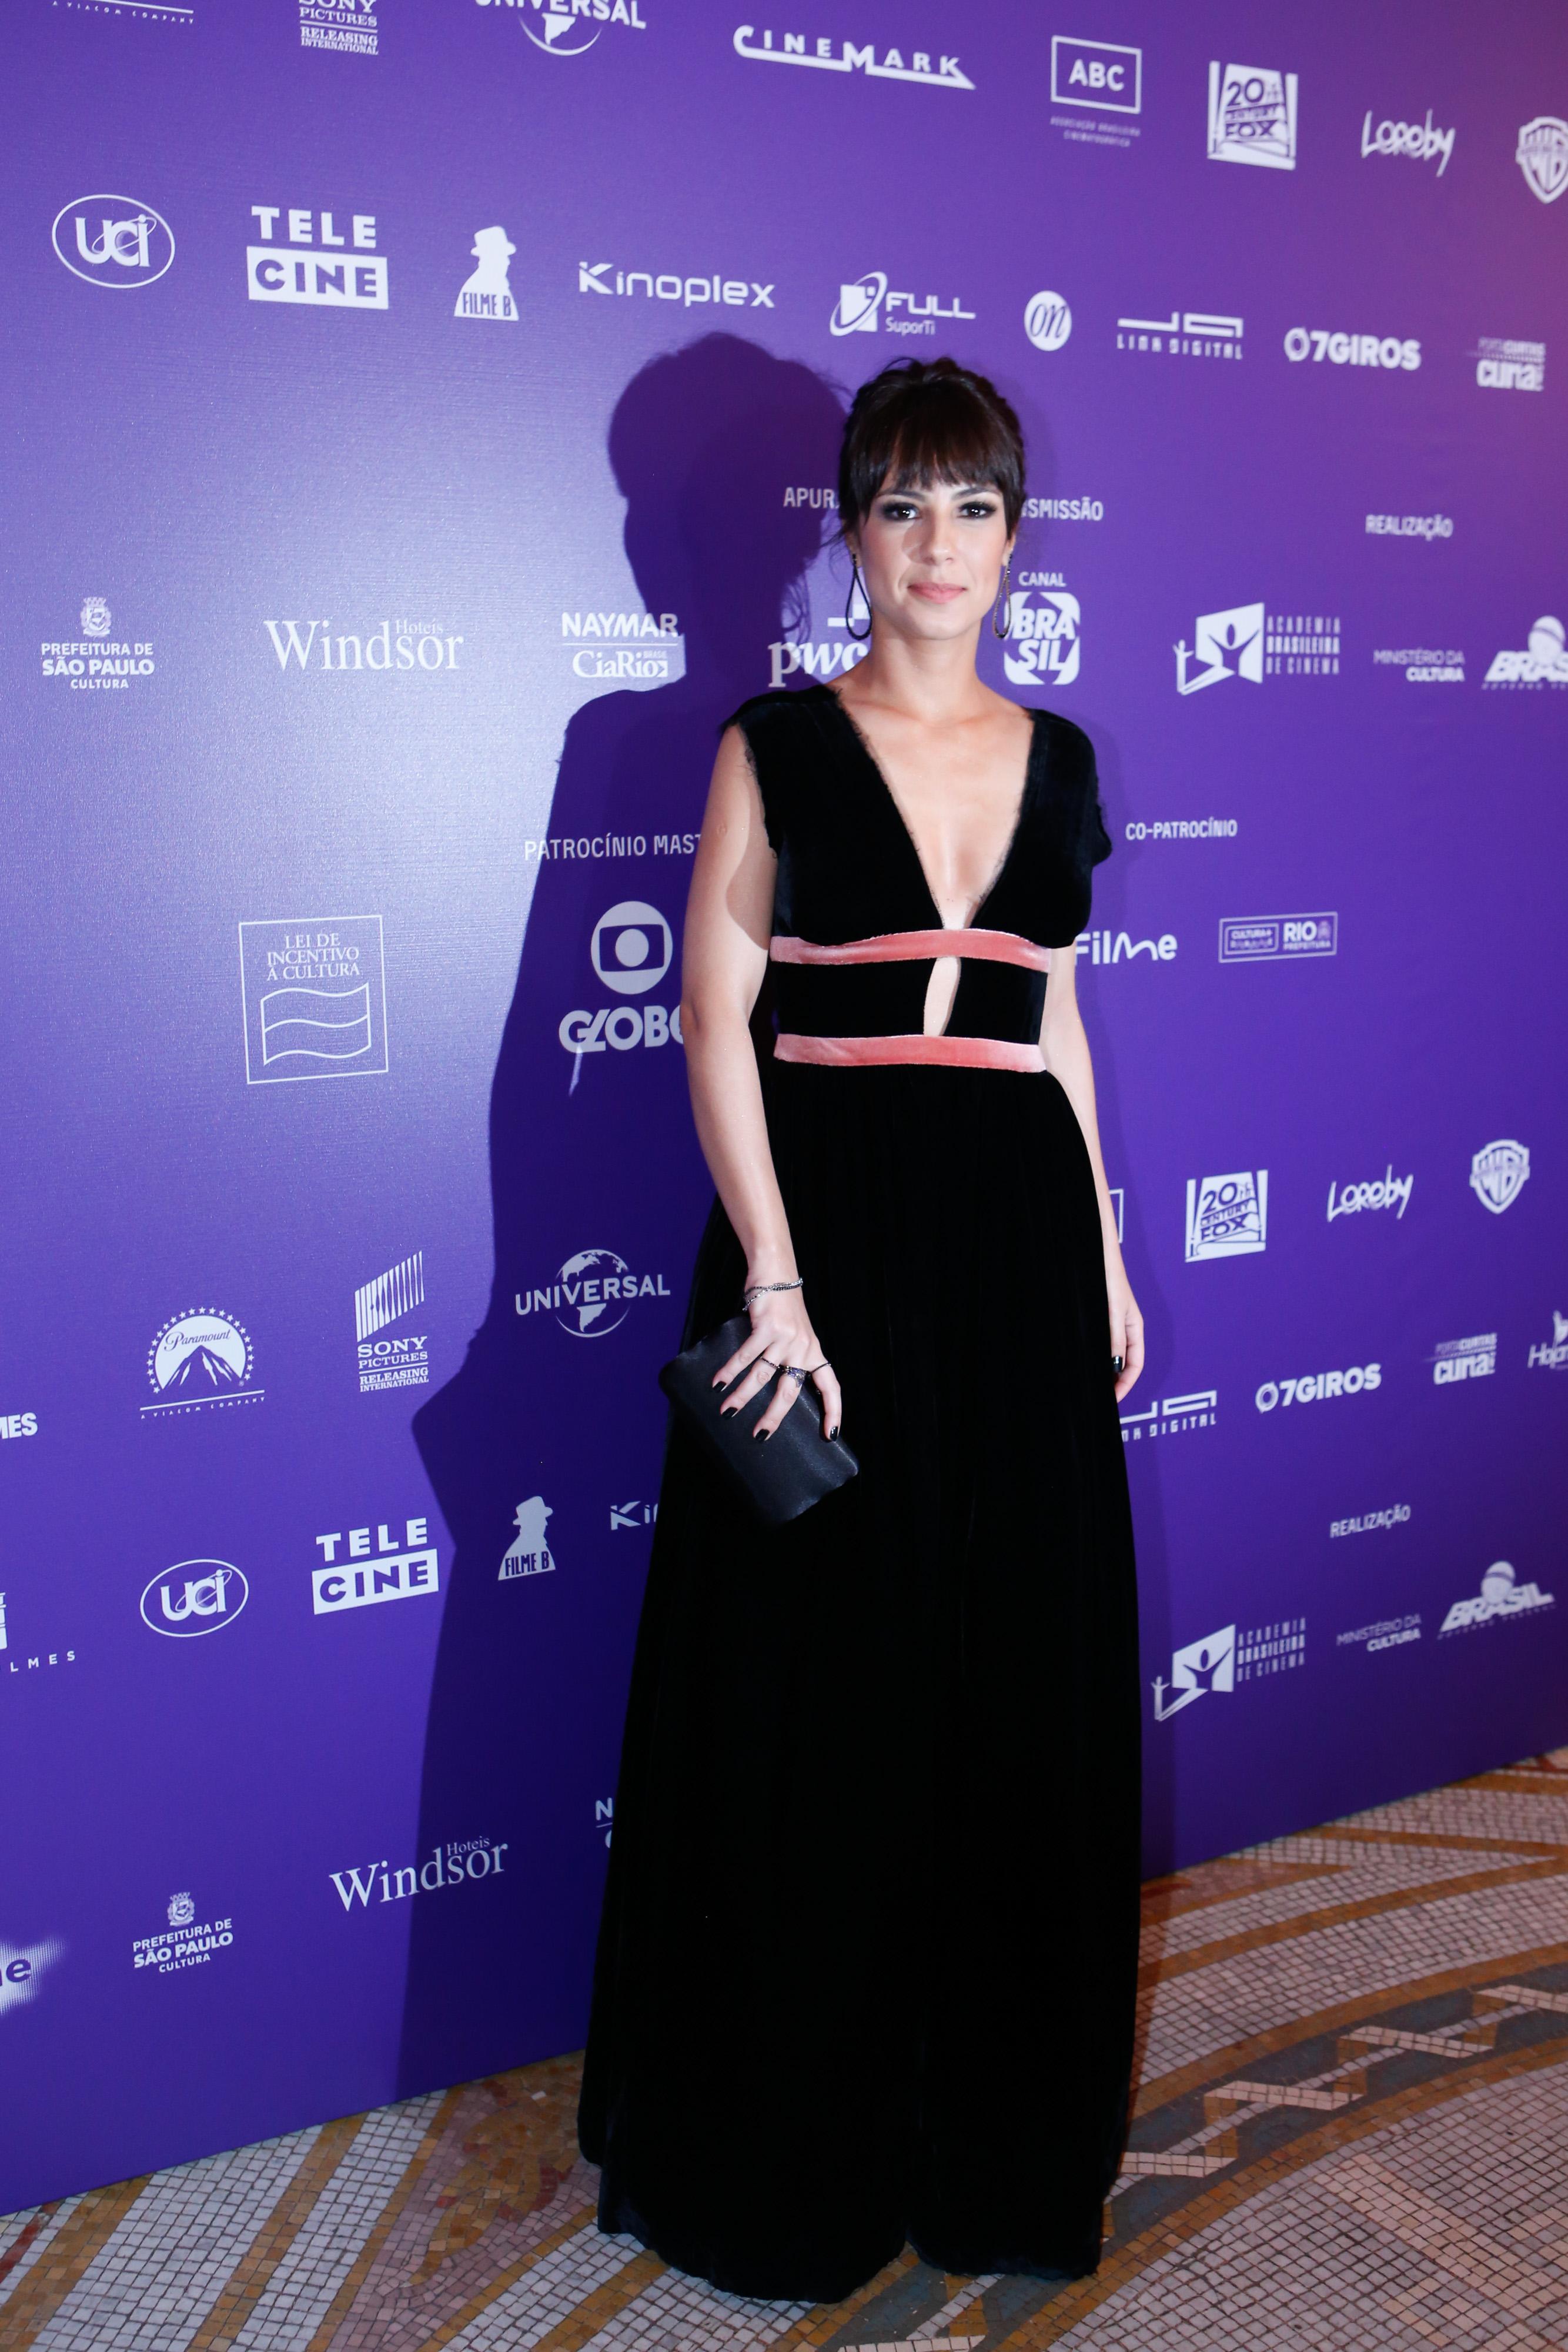 """Andreia Horta A Cura aquarius"""" é eleito o melhor longa-metragem no 16º grande"""